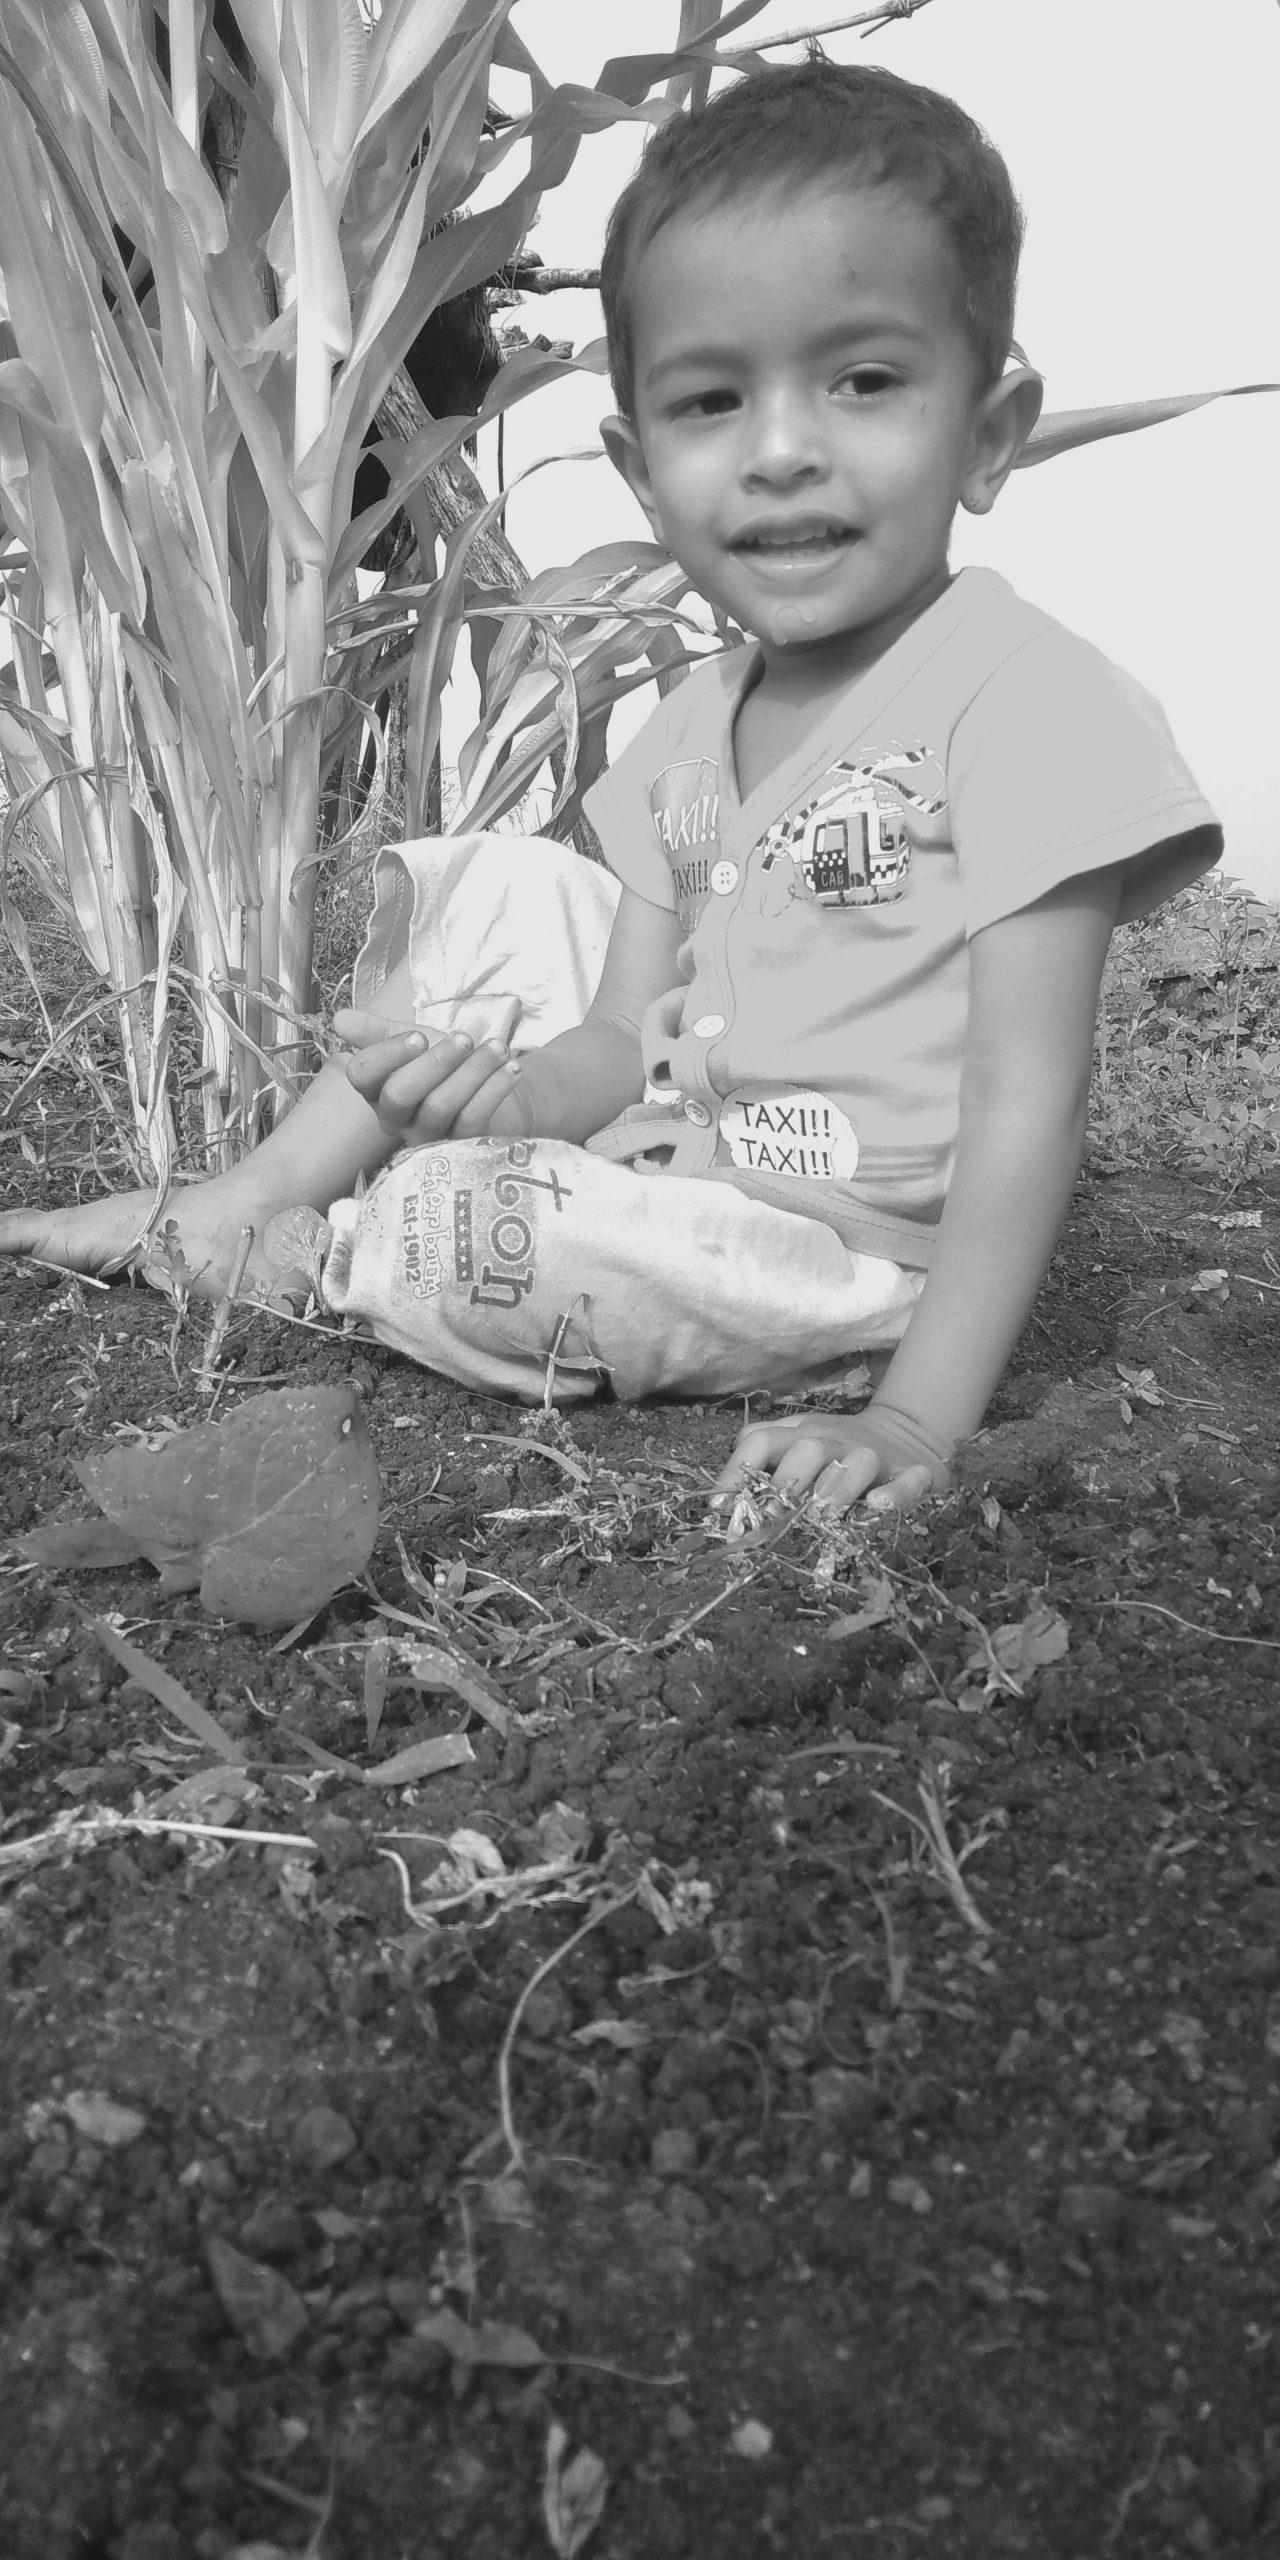 A kid